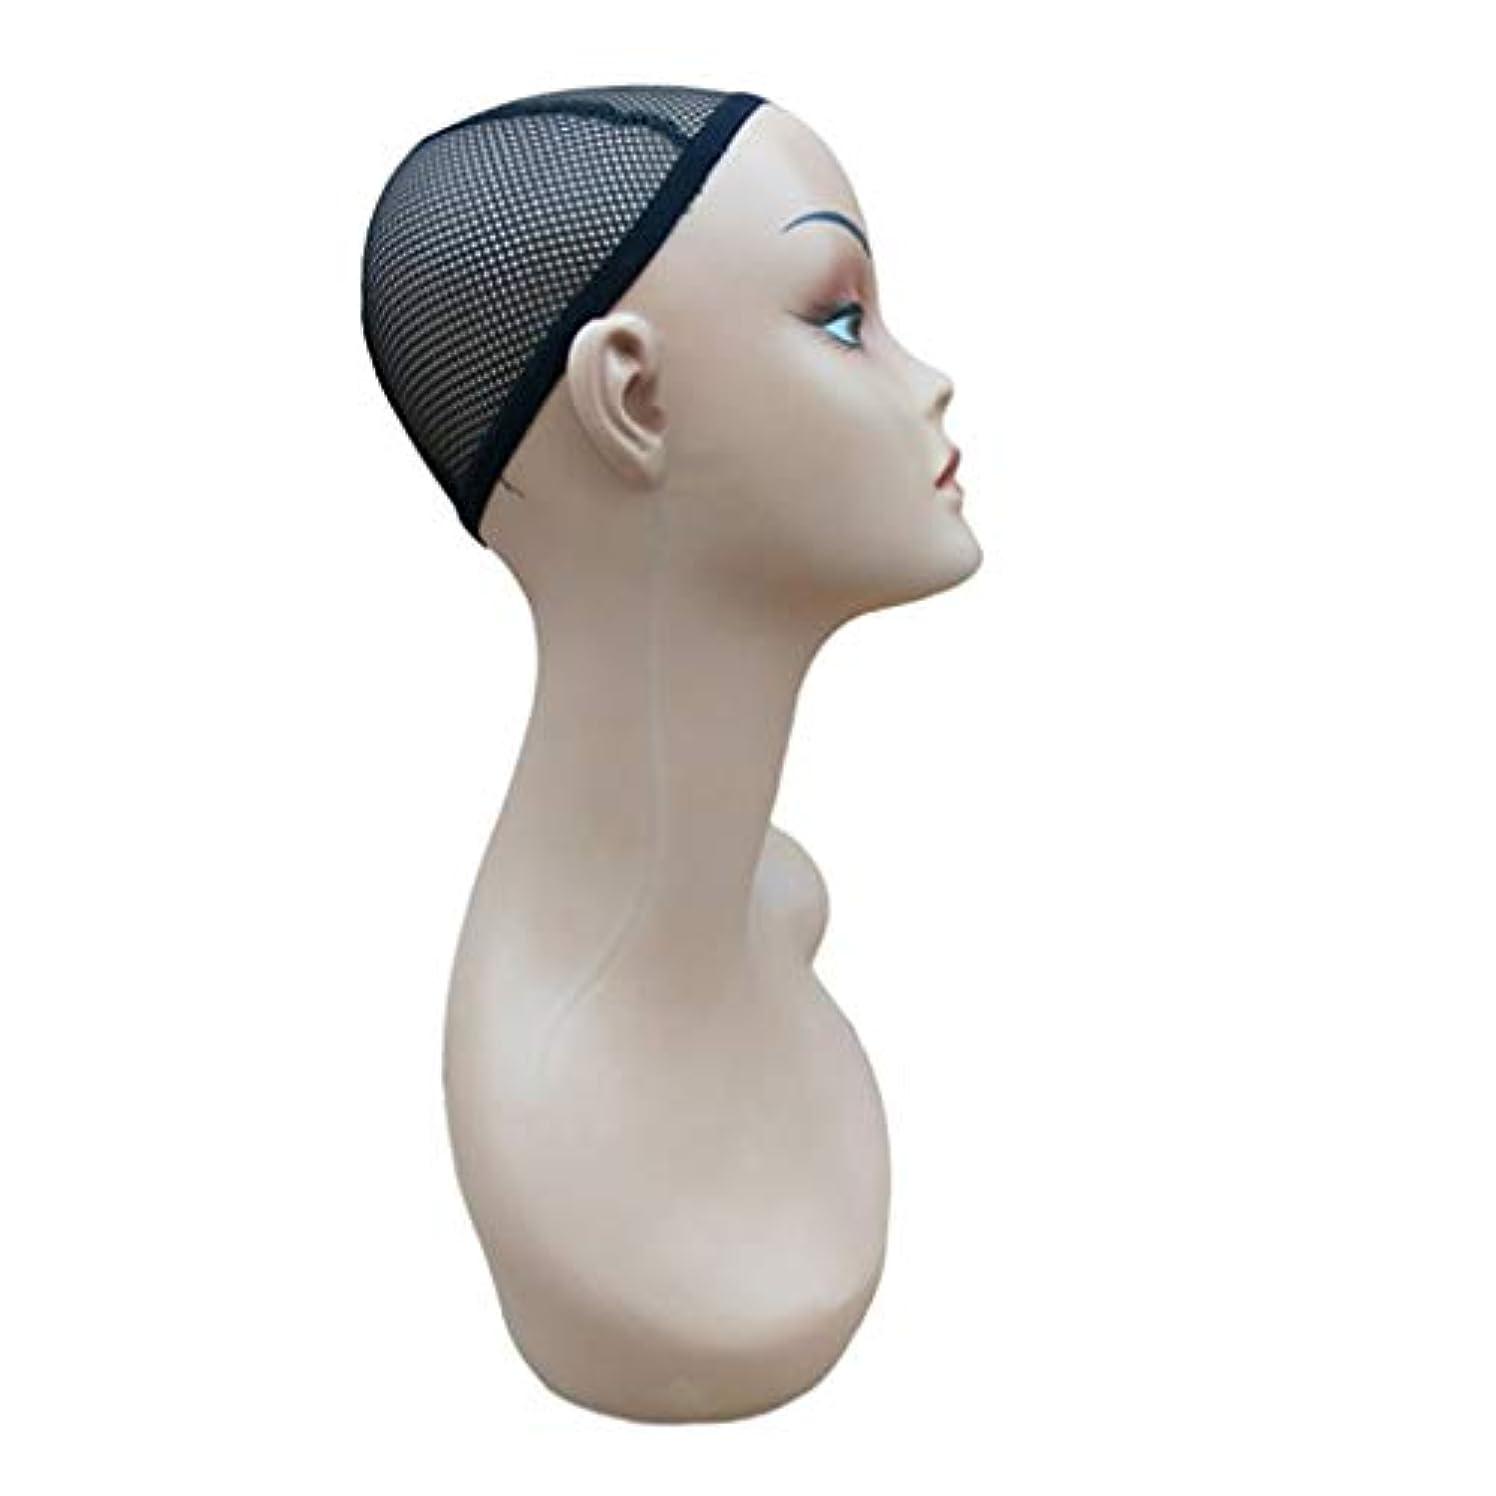 のり後スペースPerfeclan ウィッグスタンド ハンガー マネキンヘッド かつら 帽子 ネックレス スカーフ ディスプレイ